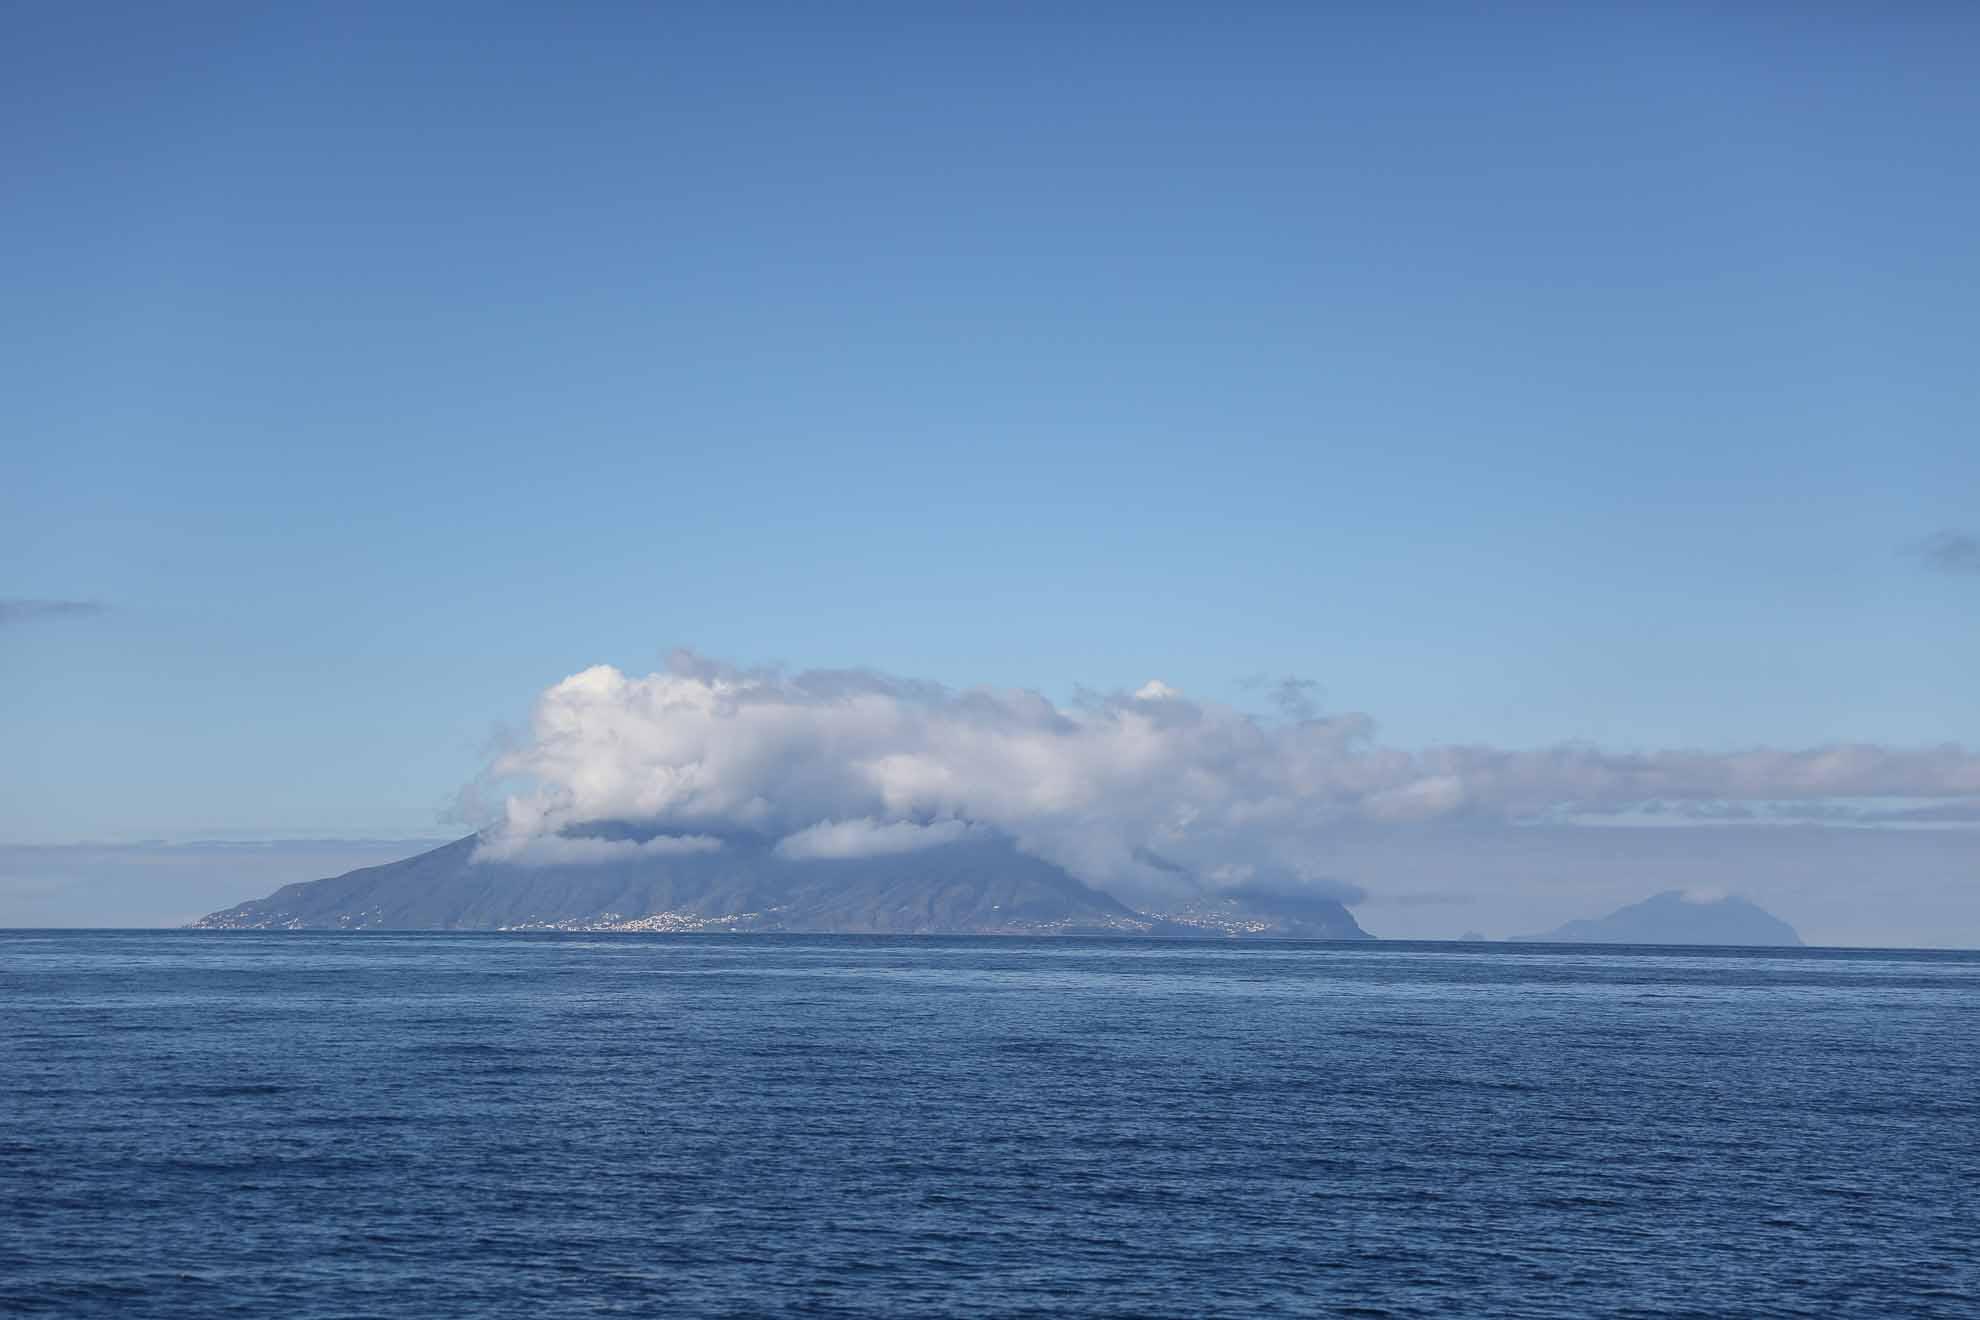 Am Vortag haben wir die 11 Seemeilen zu Liparis nördlicher Nachbarinsel Panarea zurückgelegt und sind in deren Süden vor Anker gegangen.